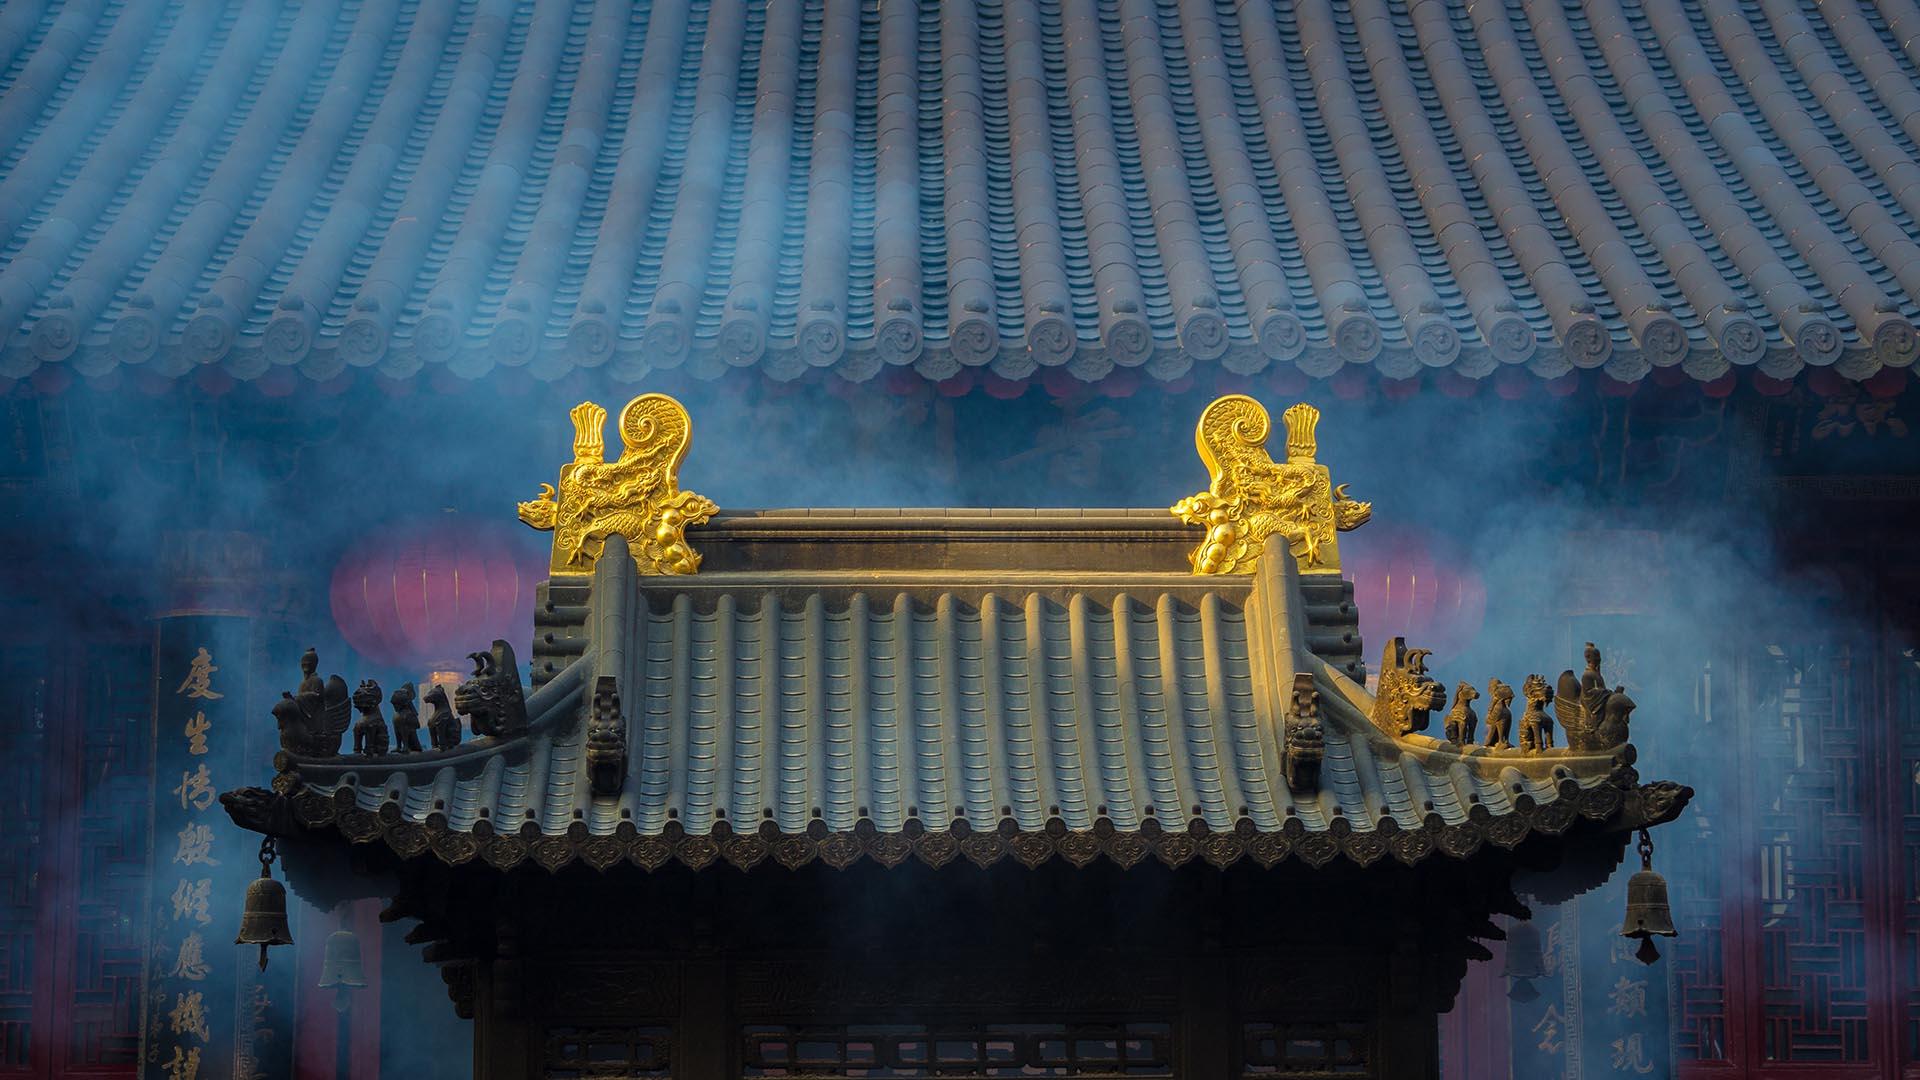 Mountain temple, Ningbo China